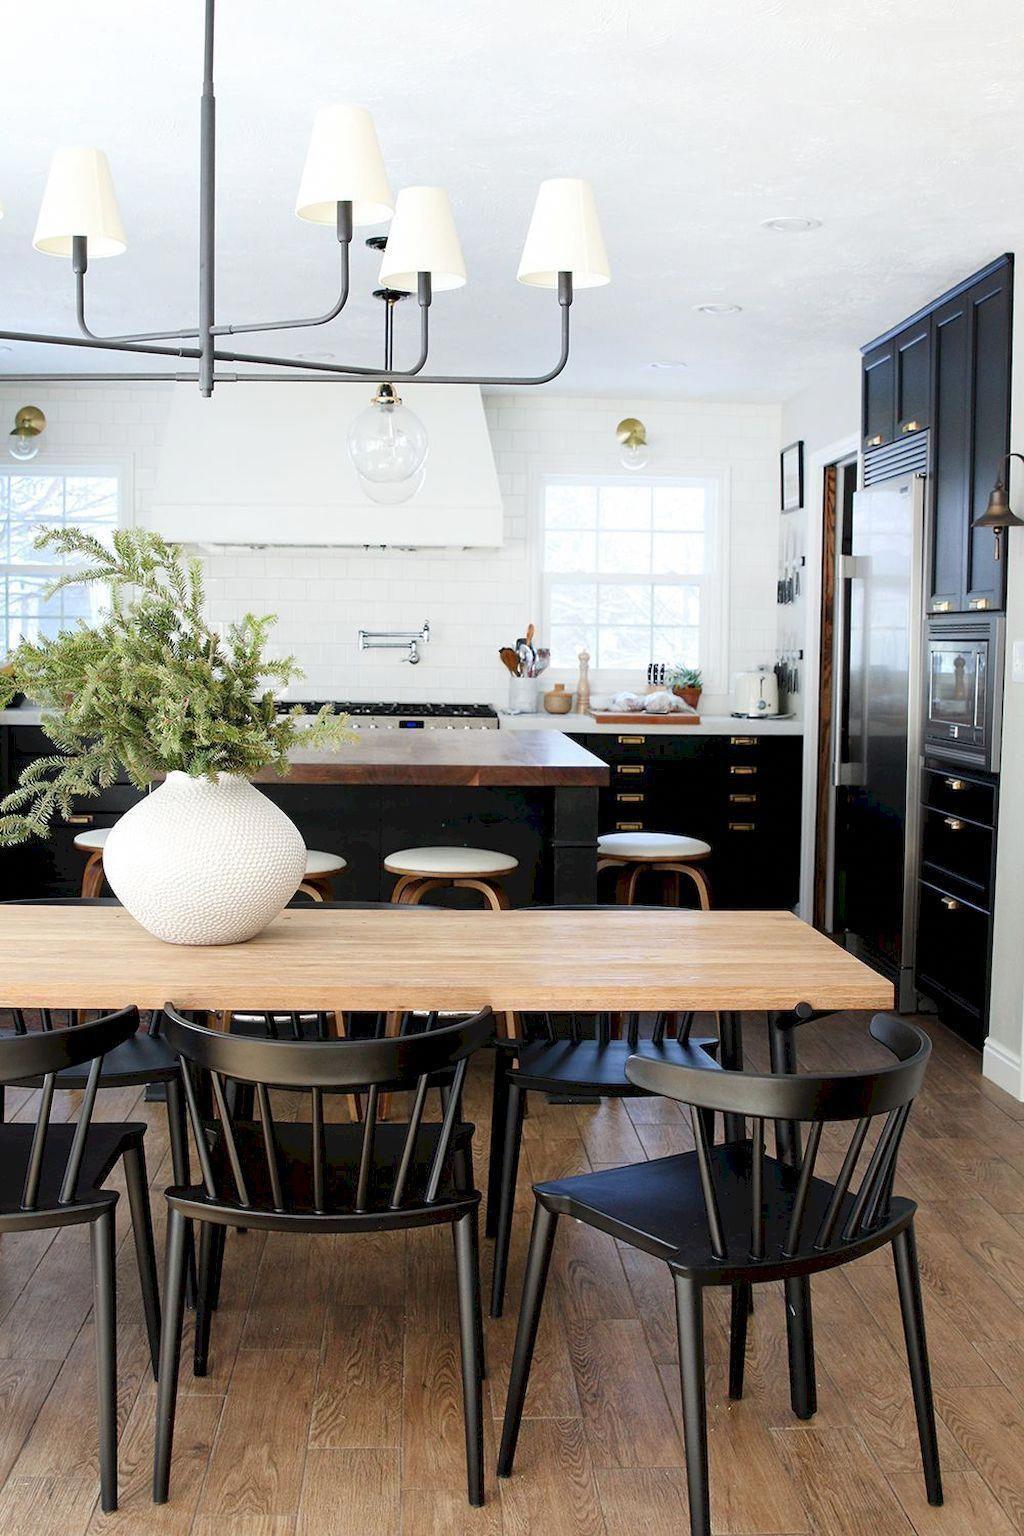 54 gorgeous black and white dining areas for your home 51 farmhousekitchen farmhouse on farmhouse kitchen black and white id=70804